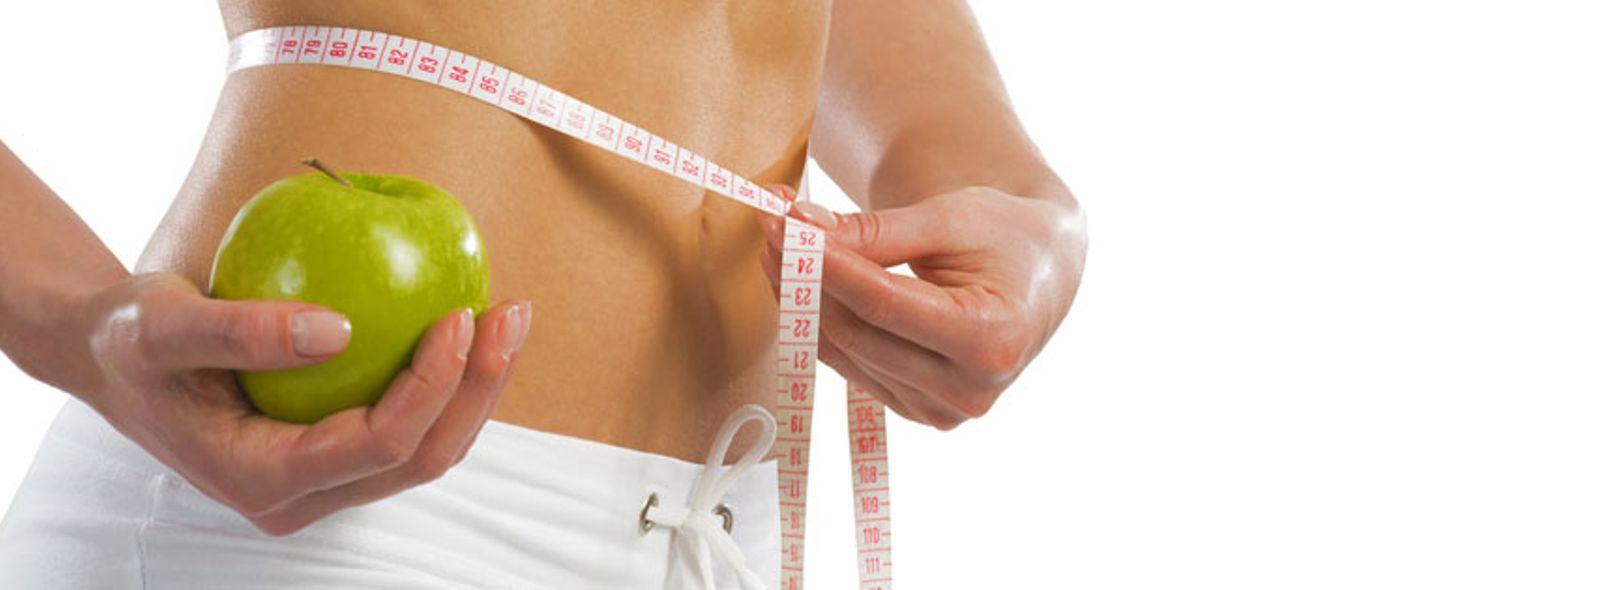 La dieta Weight Watchers